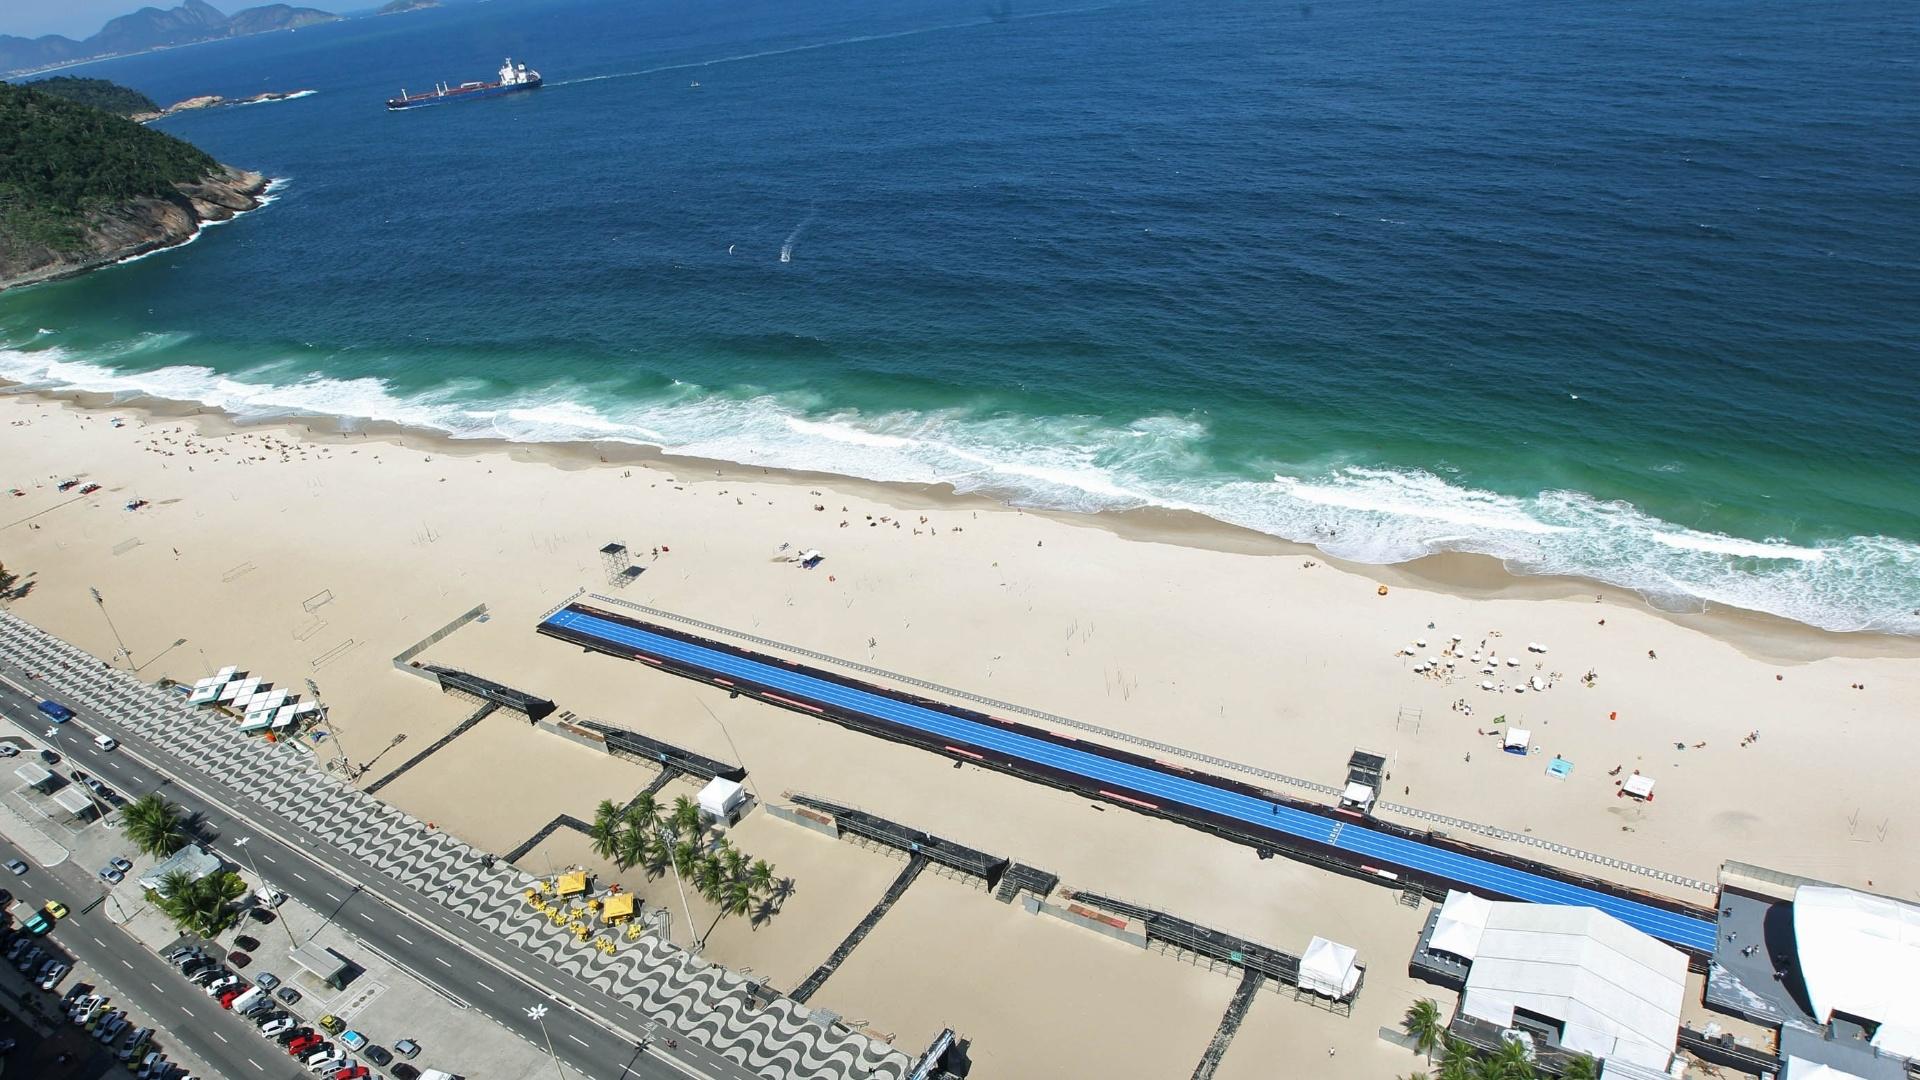 28.mar.2013 - Pista de 150 m em que Usain Bolt competirá no Rio de Janeiro é vista na praia de Copacabana